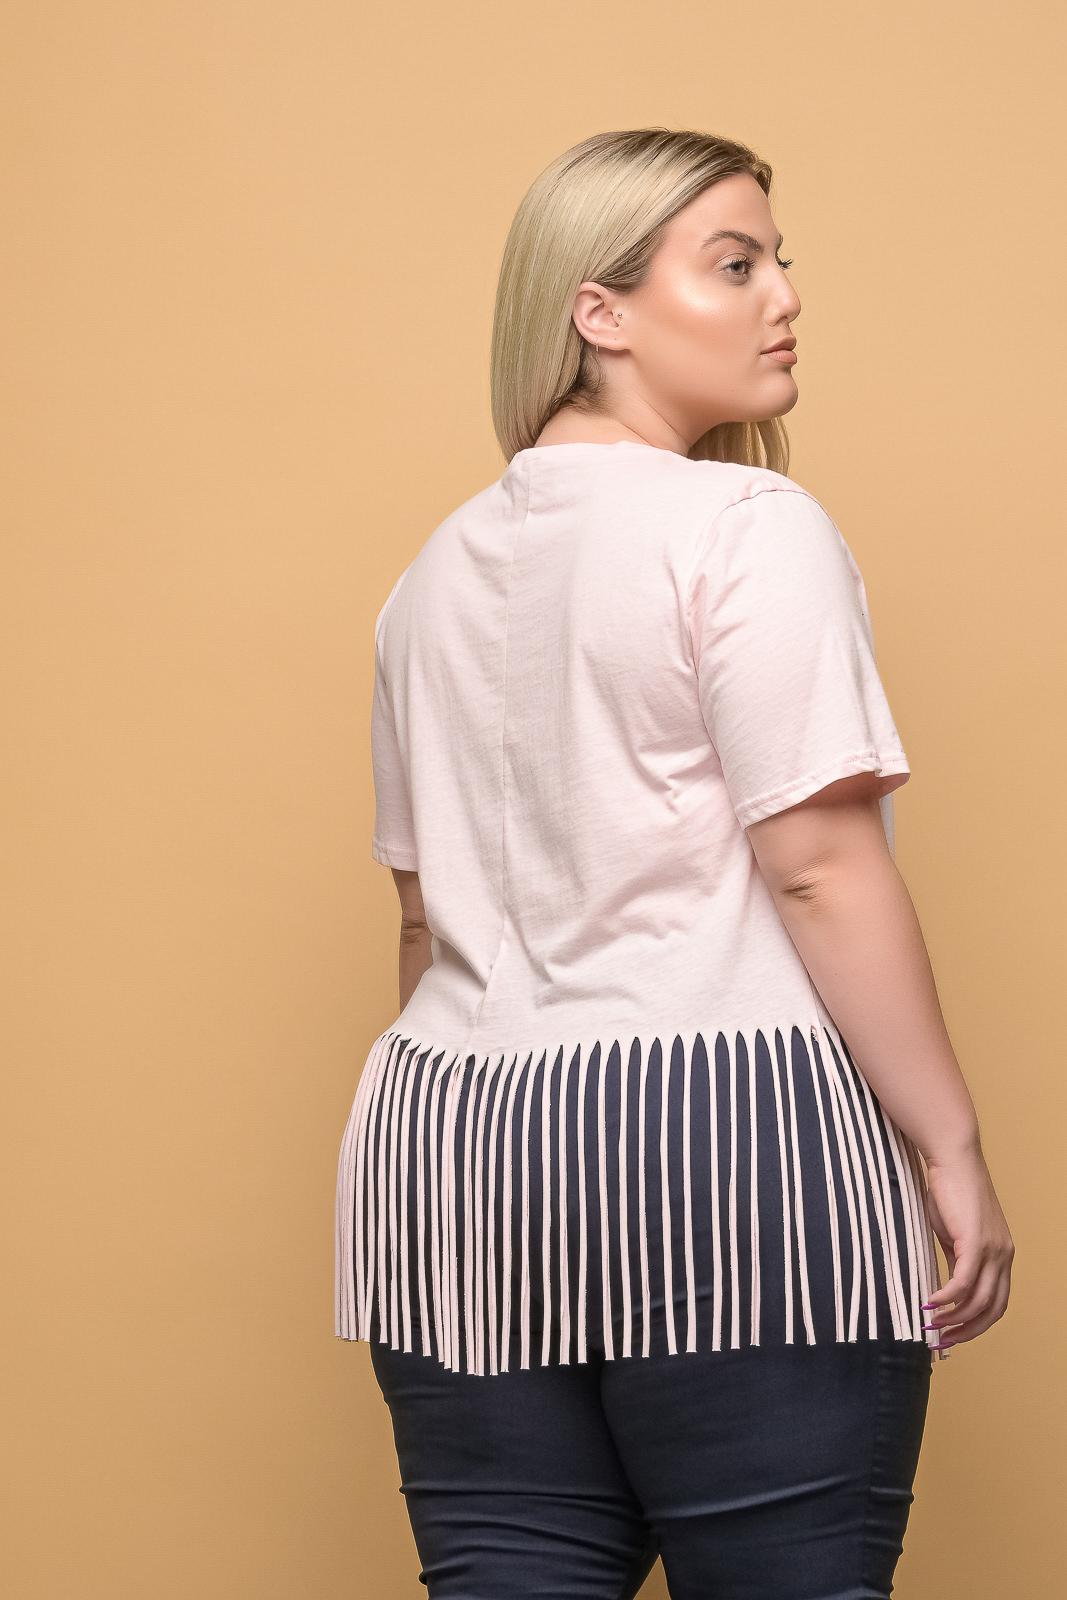 Μπλούζα μεγάλα μεγέθη μακό ροζ με κρόσια. Στο eshop μας θα βρείτε οικονομικά γυναίκεια ρούχα σε μεγάλα μεγέθη και υπερμεγέθη.